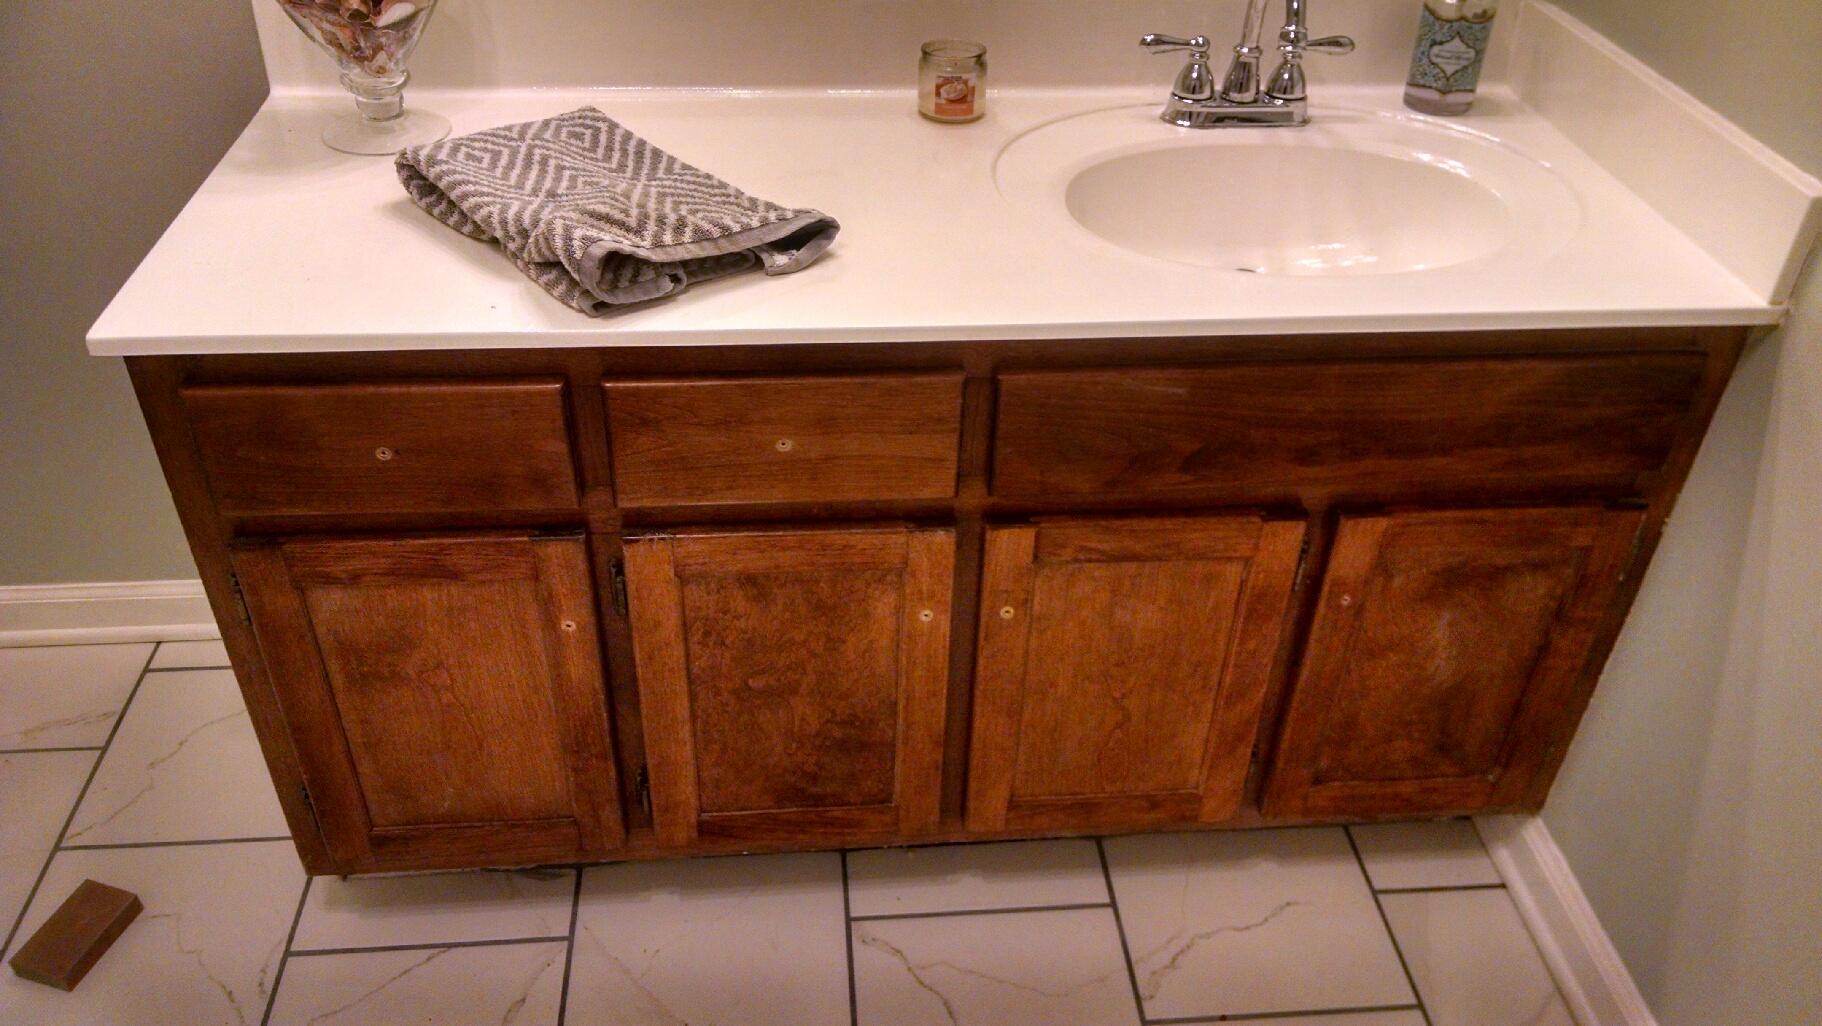 Transforming Bathroom Vanity With Gel Stain Java Gel Stain - How to stain a bathroom vanity